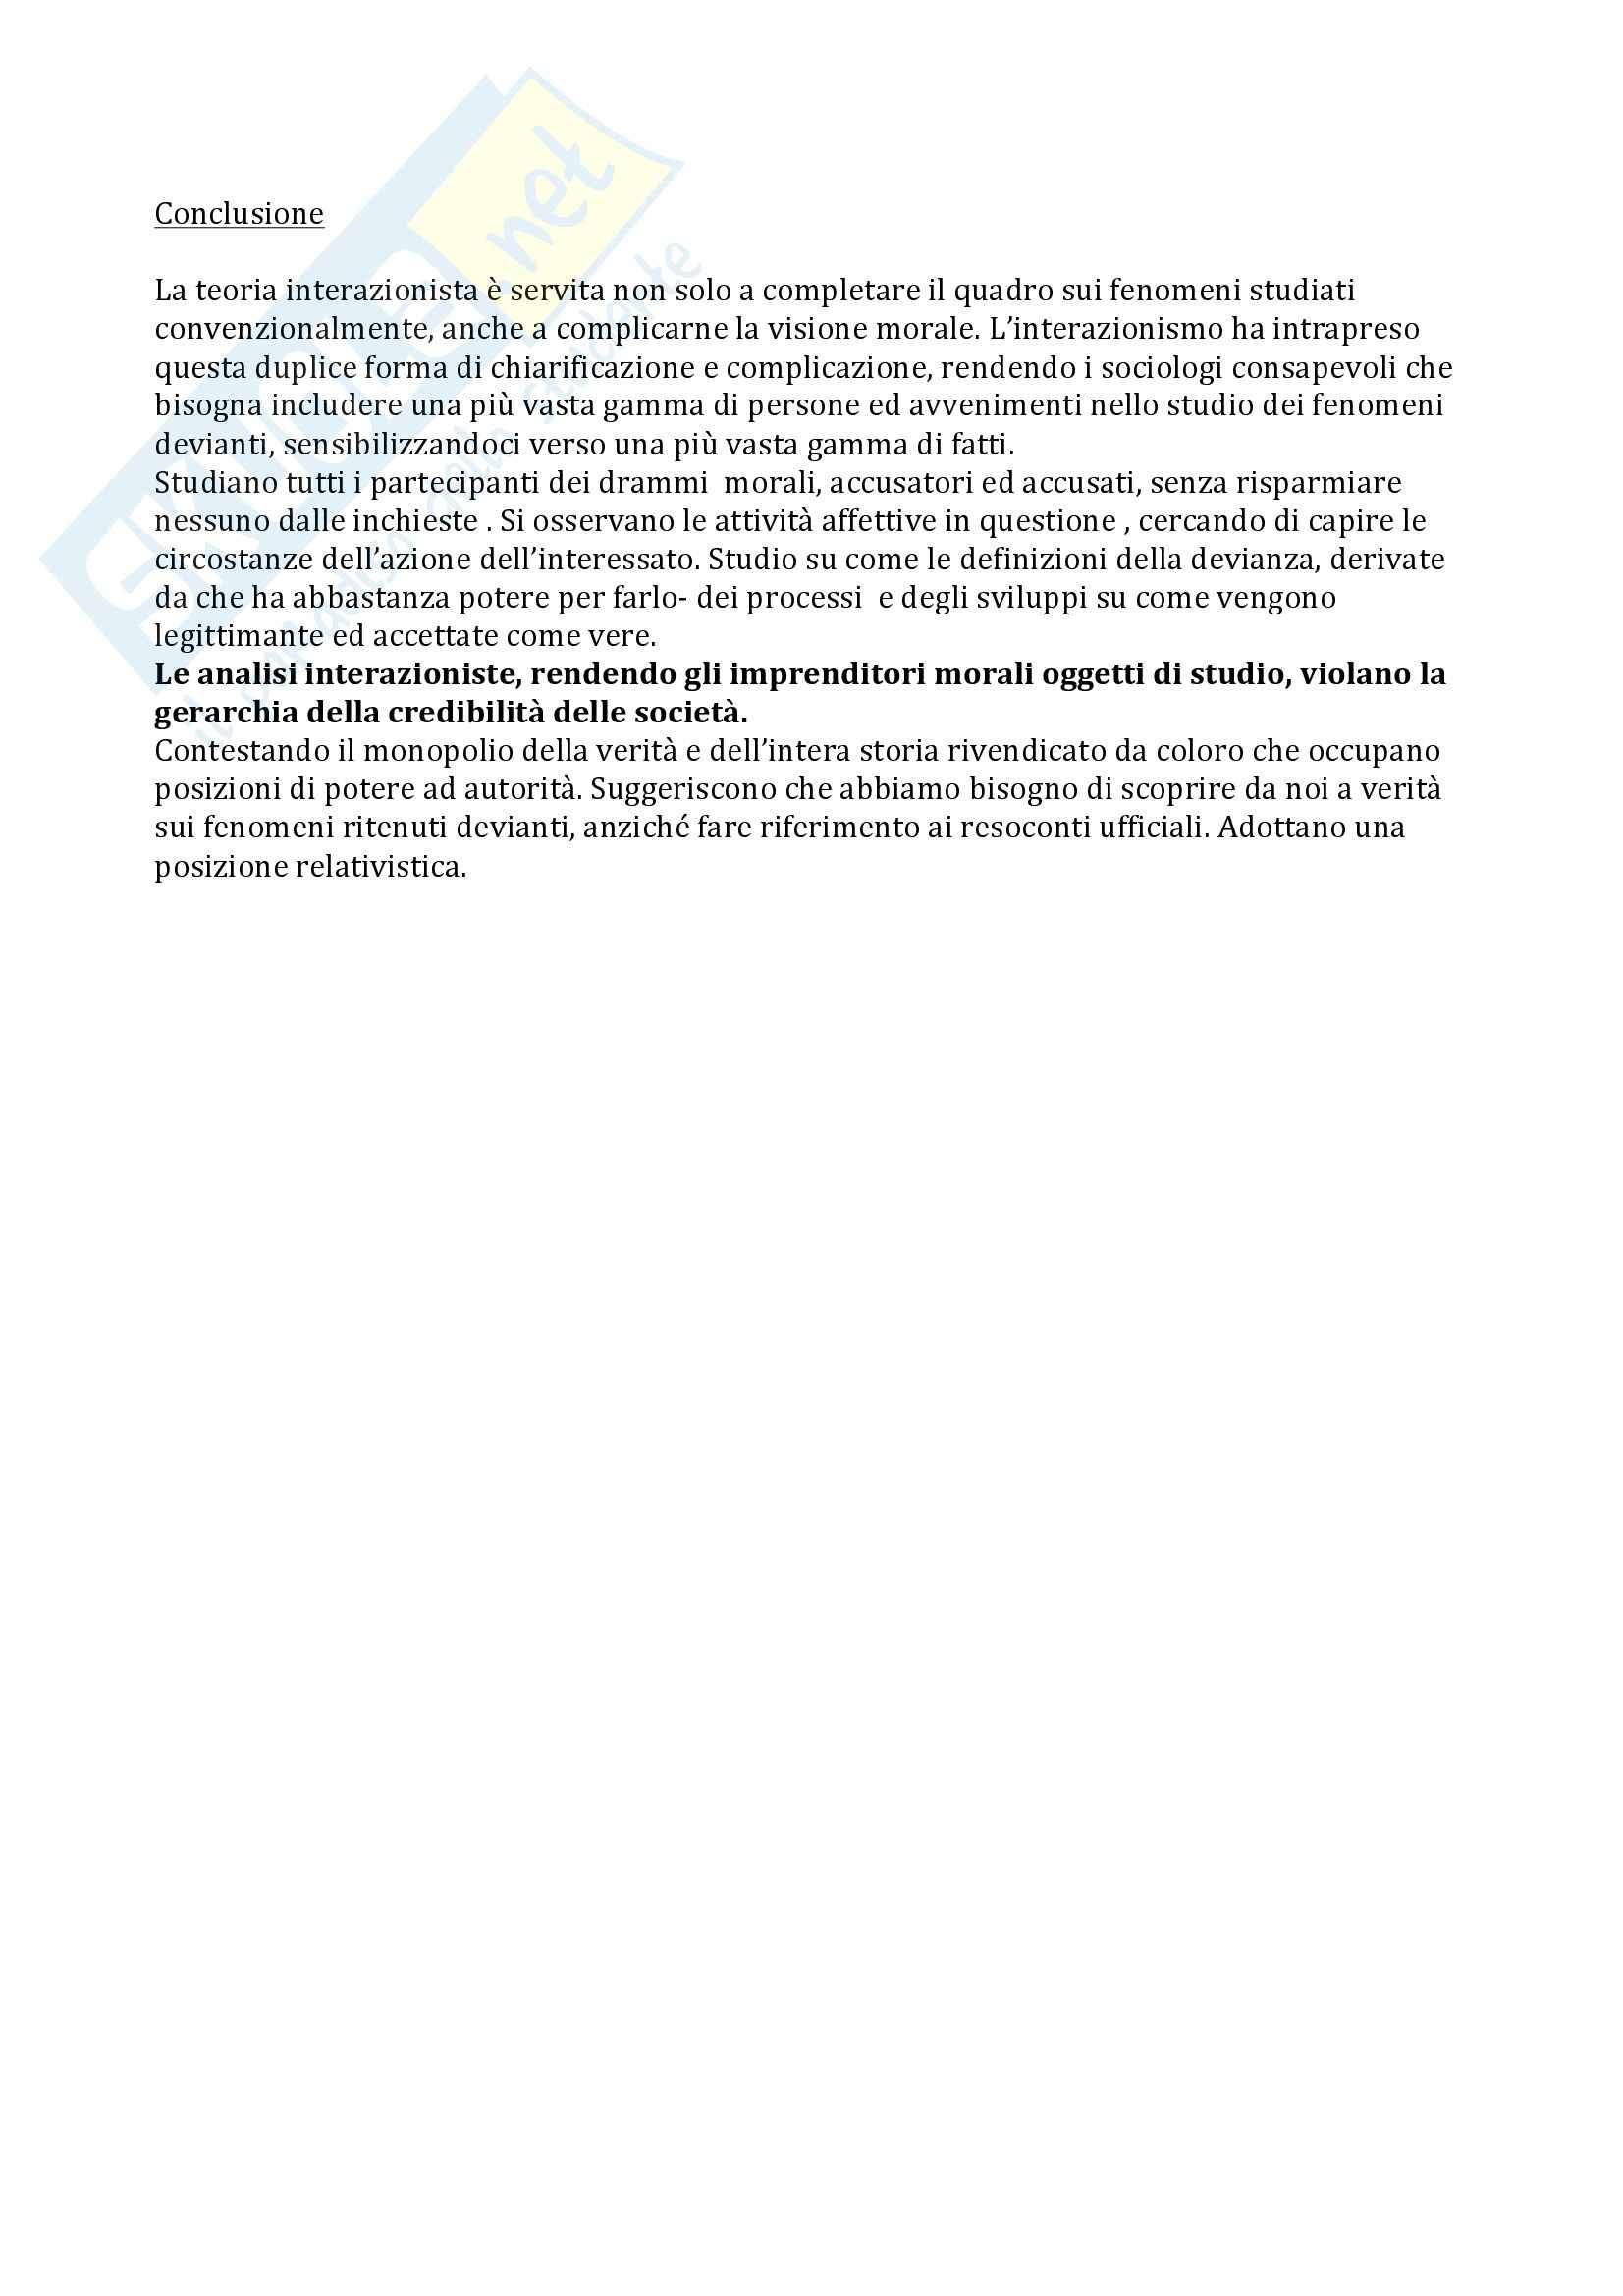 Sociologia della devianza - Becker Pag. 26